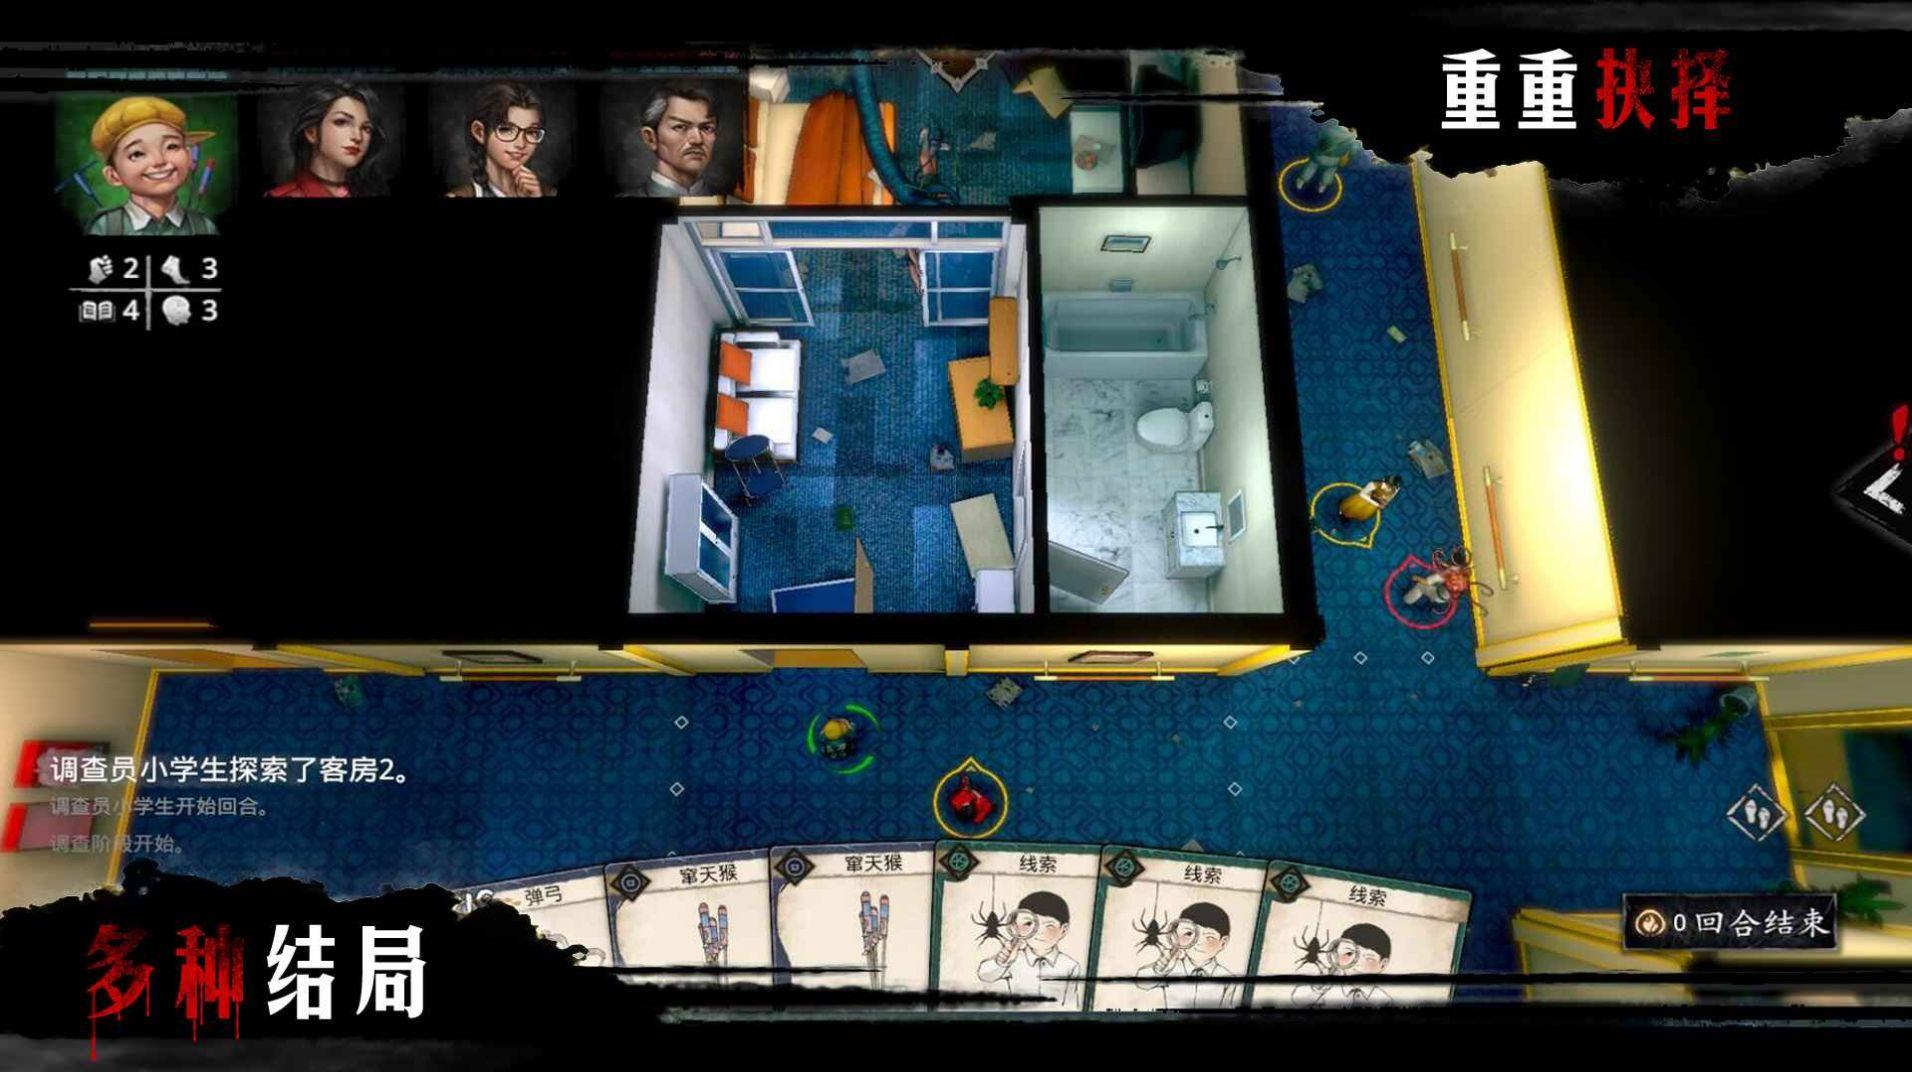 赏金侦探小敏的房间手机版下载免费版